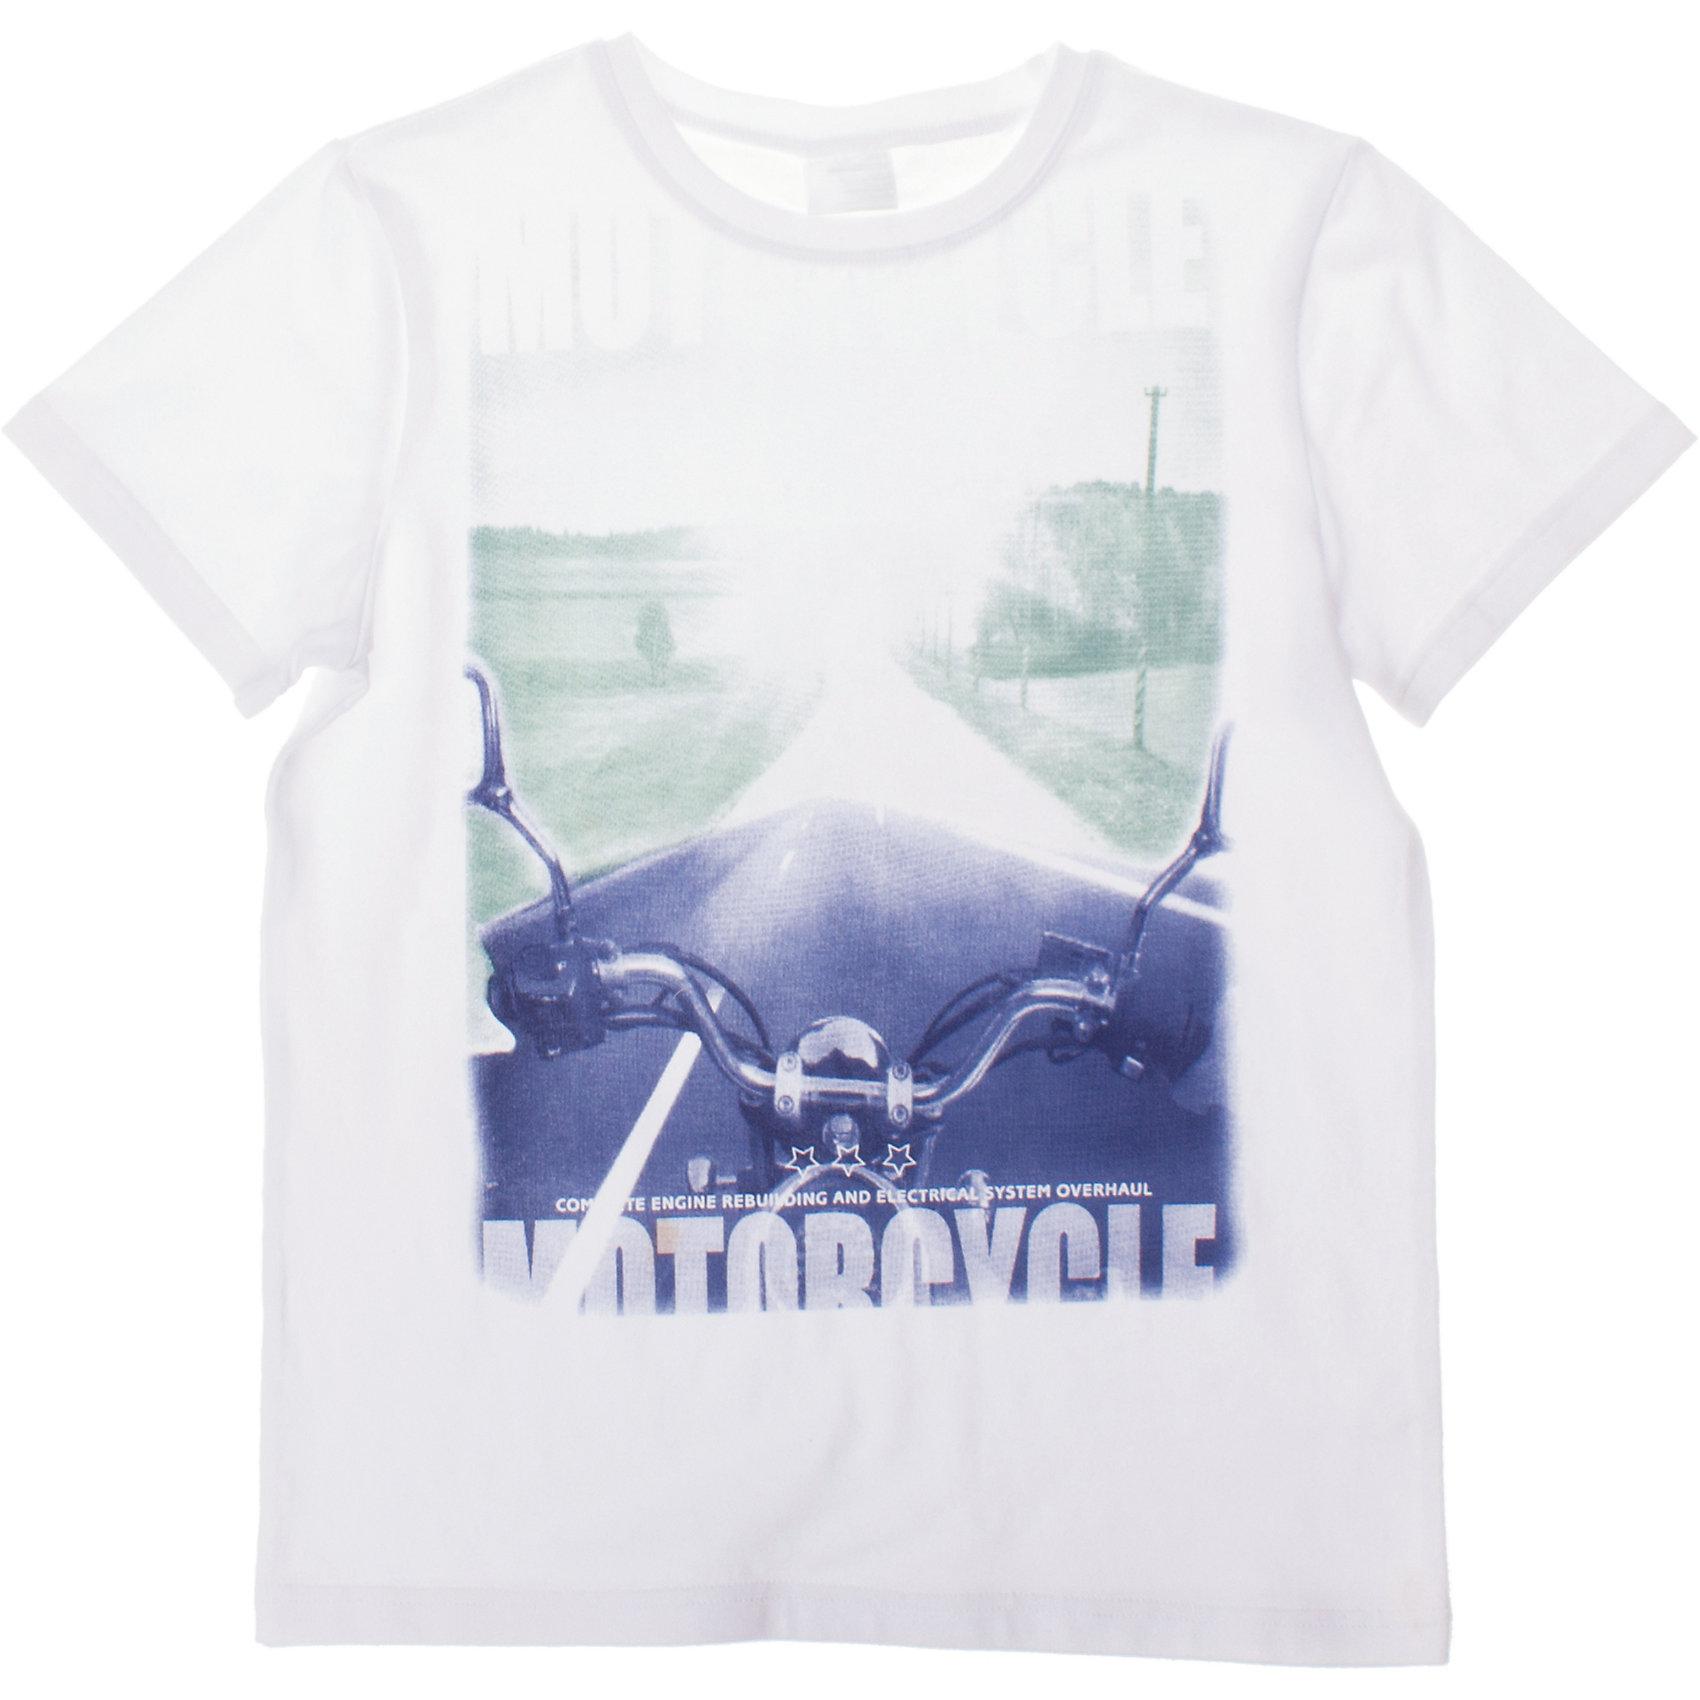 Футболка для мальчика ScoolФутболки, поло и топы<br>Мягкая хлопковая футболка белого цвета.Воротник на резинке. Украшена крупным водным фотопринтом с мотоциклом. Состав: 95% хлопок, 5% эластан<br><br>Ширина мм: 199<br>Глубина мм: 10<br>Высота мм: 161<br>Вес г: 151<br>Цвет: белый<br>Возраст от месяцев: 108<br>Возраст до месяцев: 120<br>Пол: Мужской<br>Возраст: Детский<br>Размер: 140,134,158,164,152,146<br>SKU: 4652778